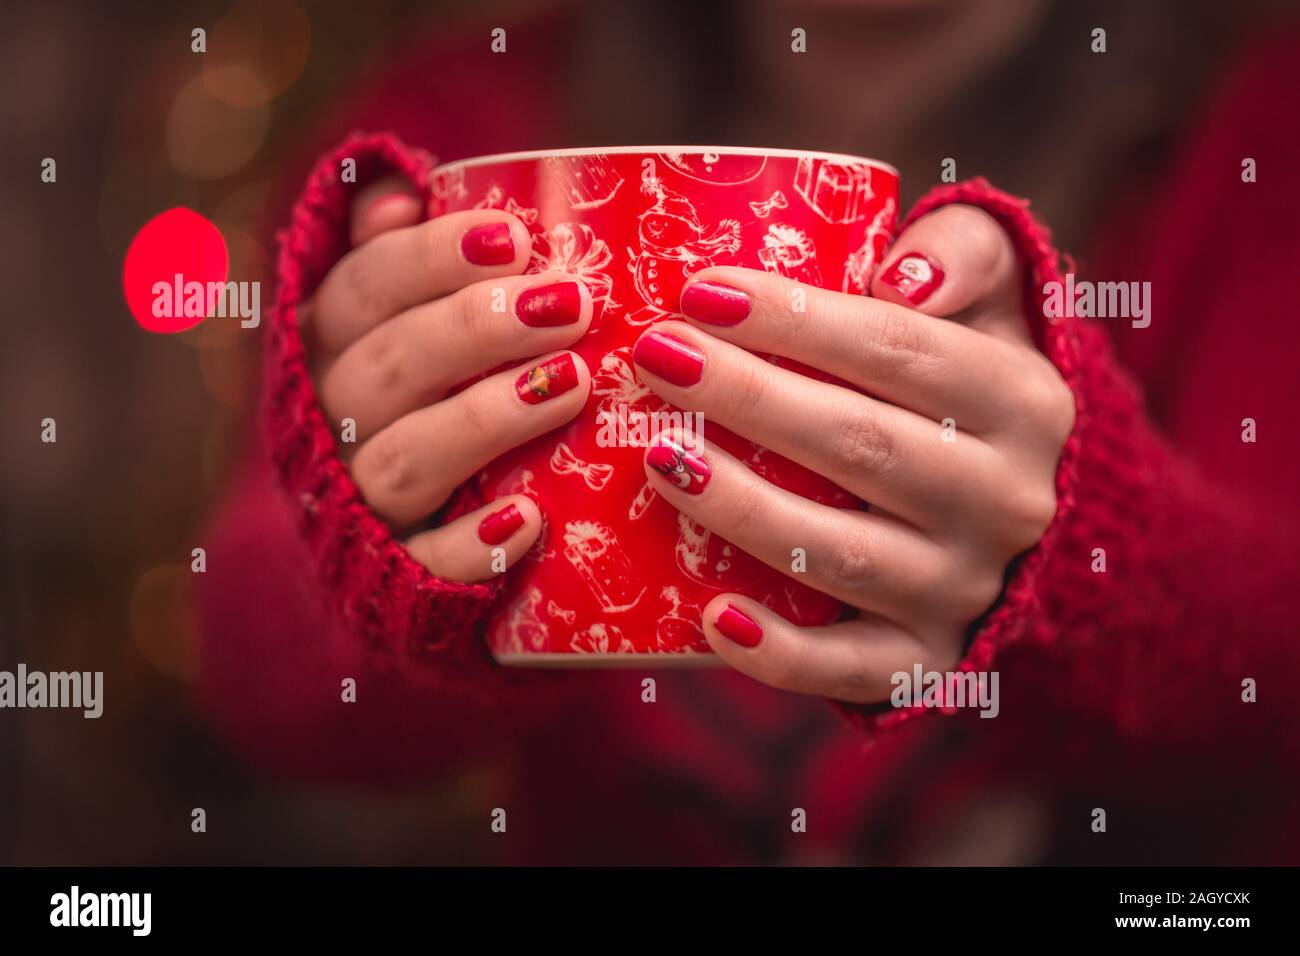 Woman's hand holding red une tasse de café. Avec une belle manucure d'hiver. Banque D'Images